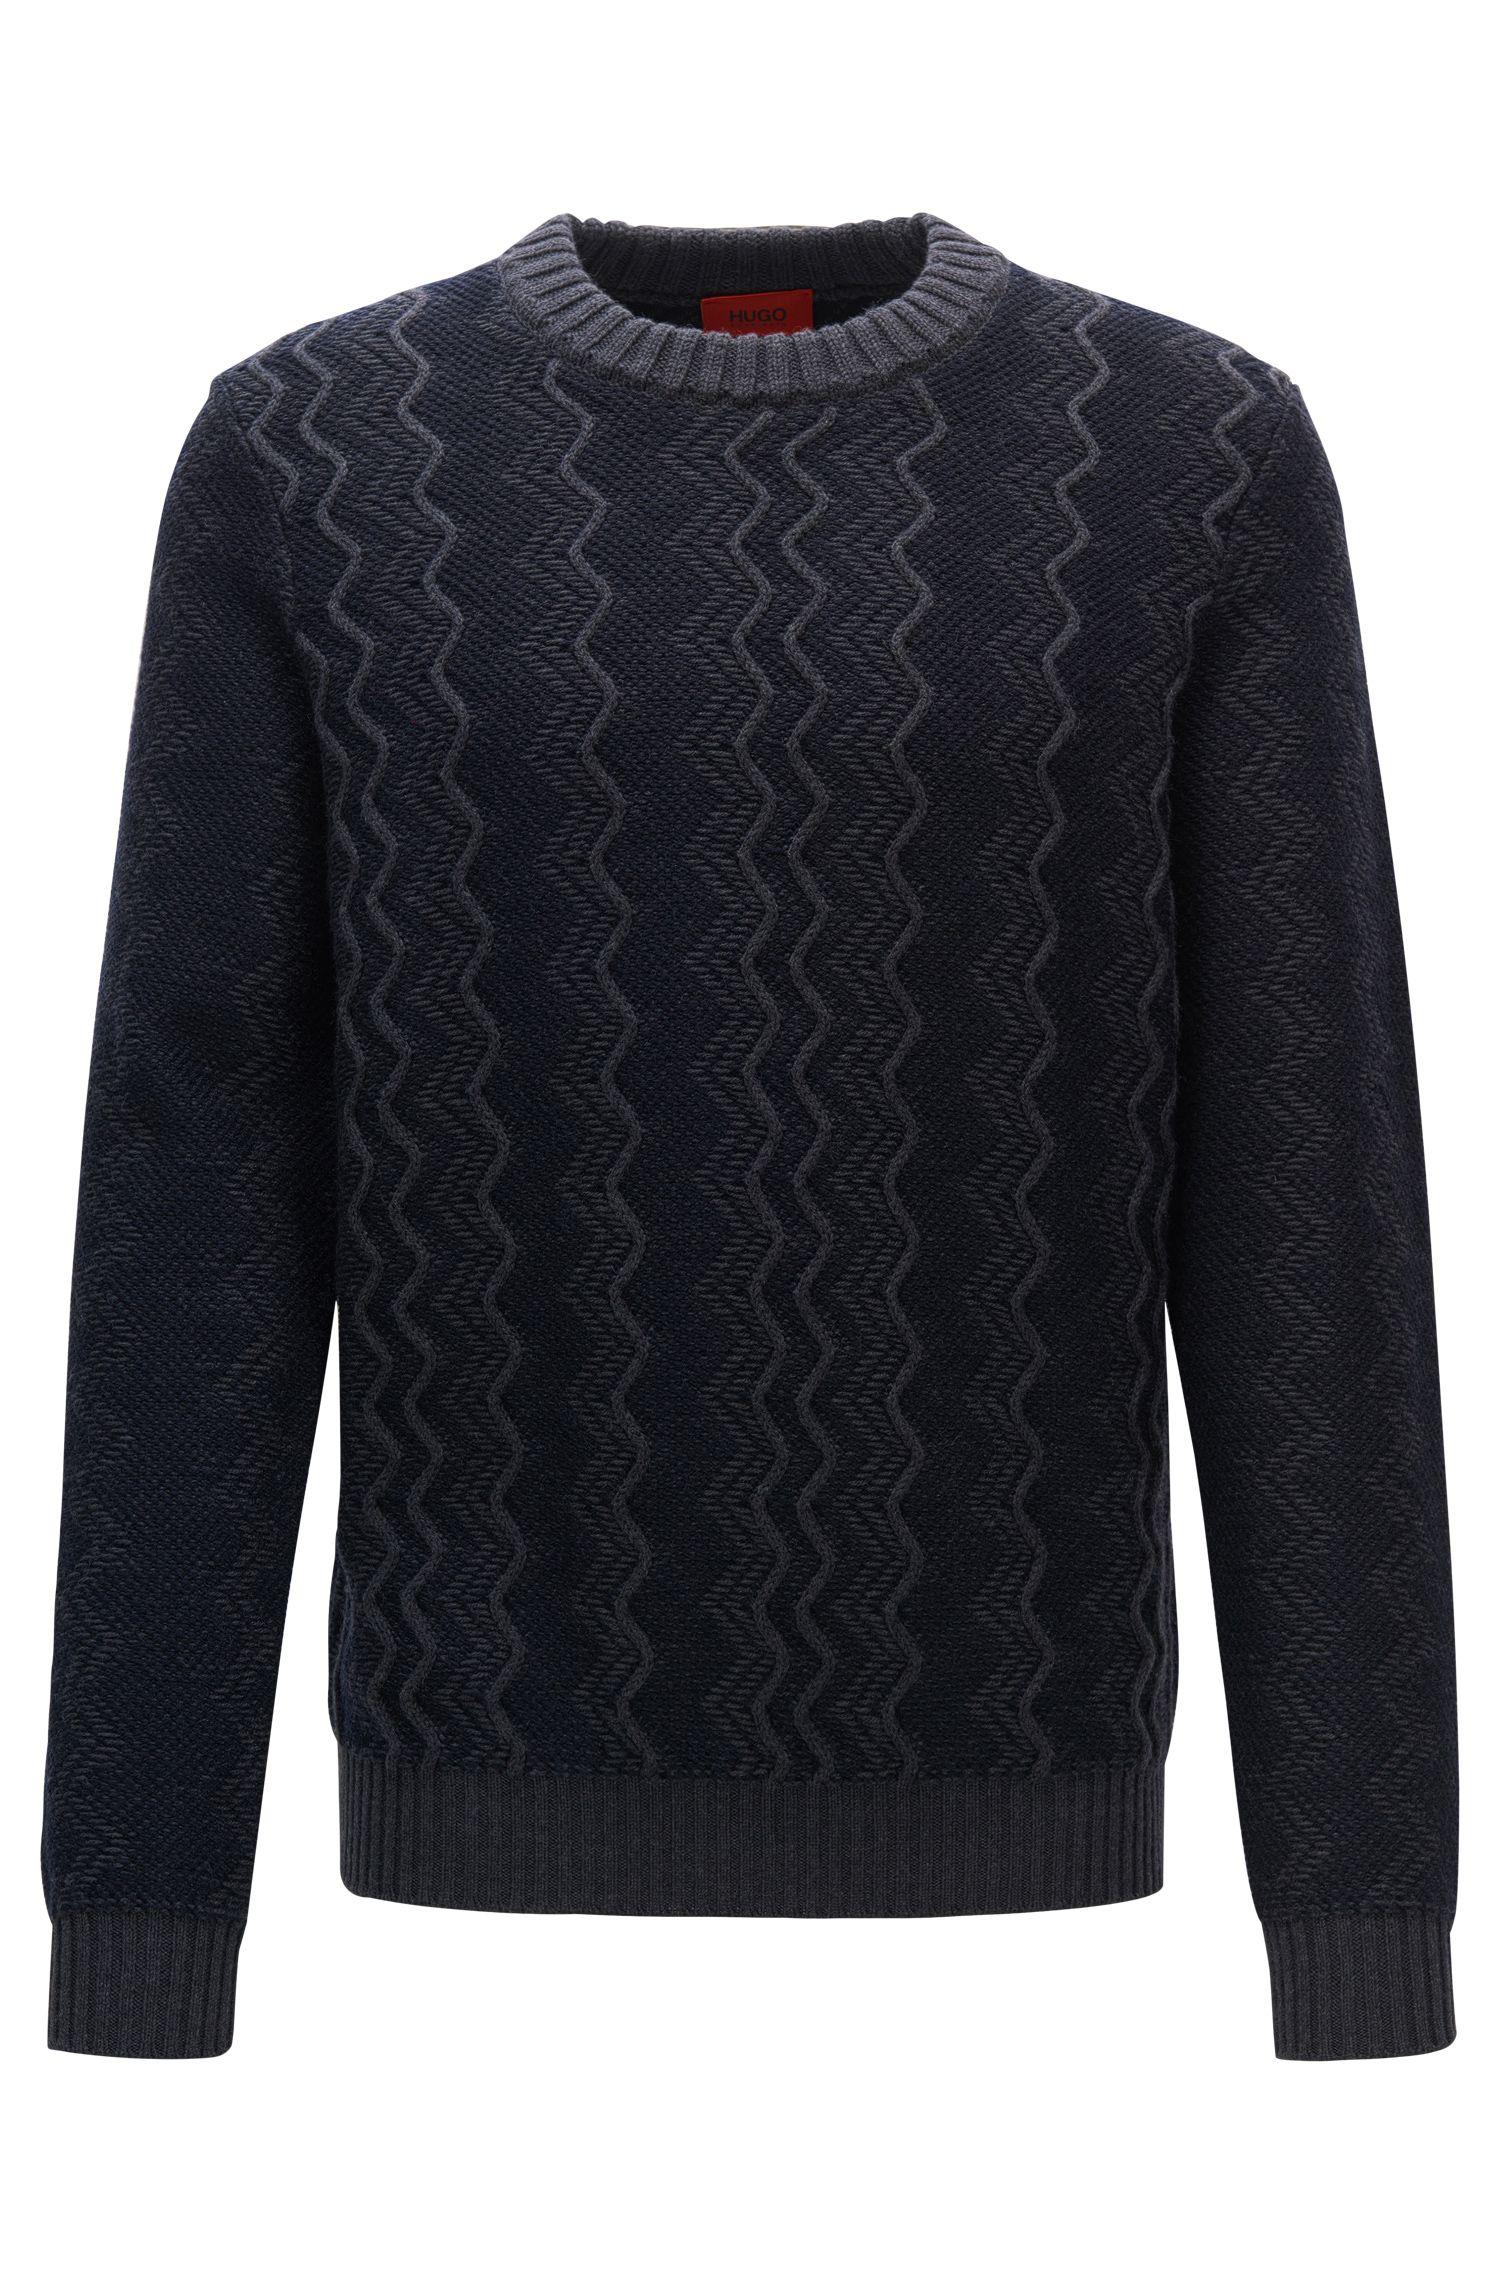 Zig Zag Virgin Wool Sweater   Sigsag